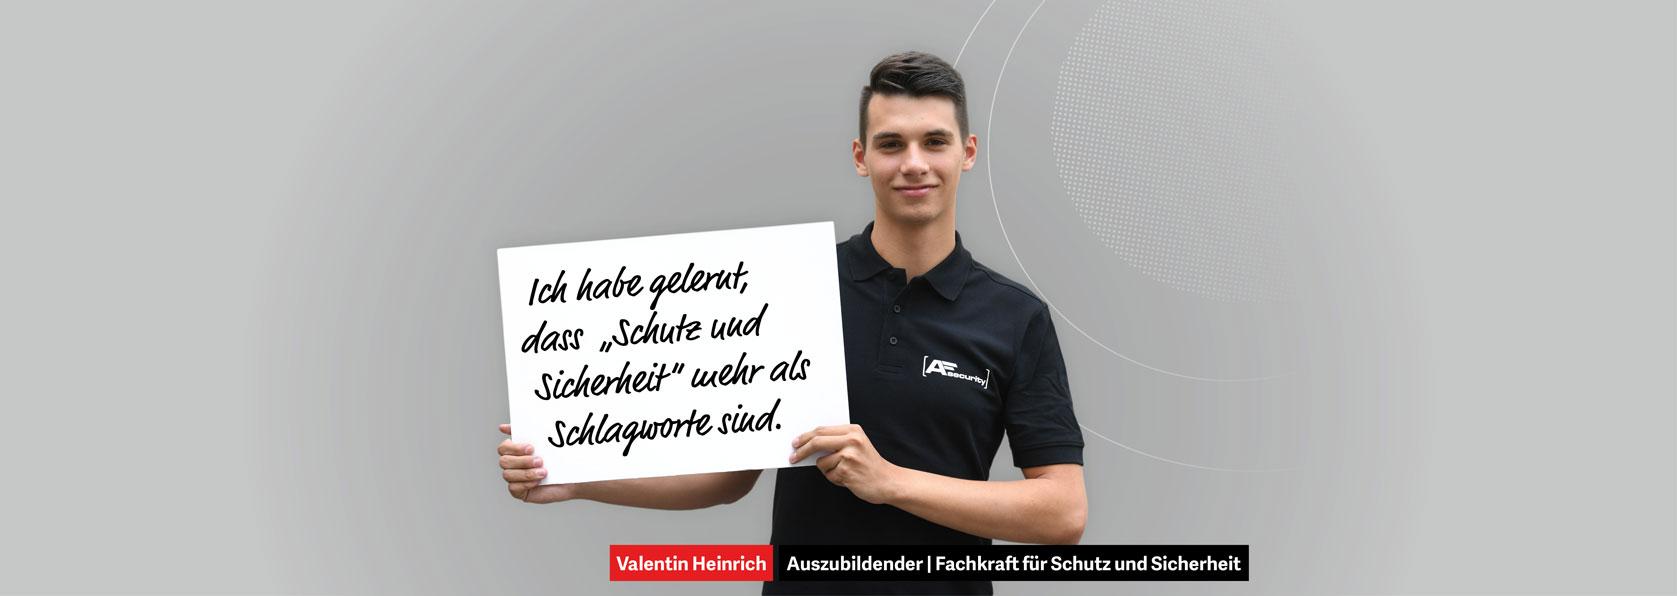 slider_valentin_heinrich